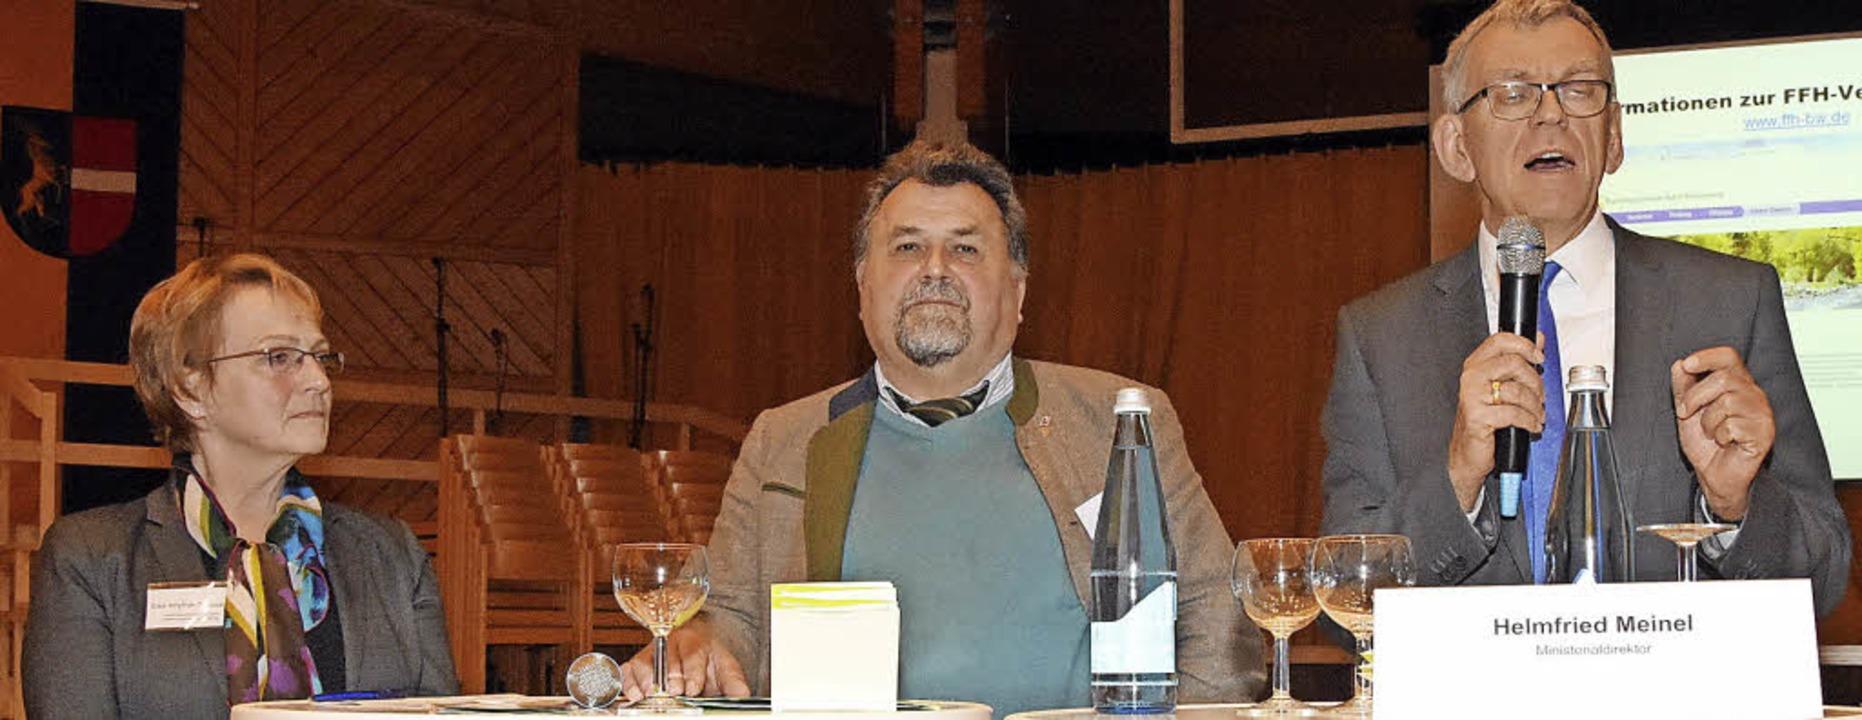 Als Experten beantworteten am Abend El...on links)  die Fragen der Teilnehmer.     Foto: Stefan Pichler